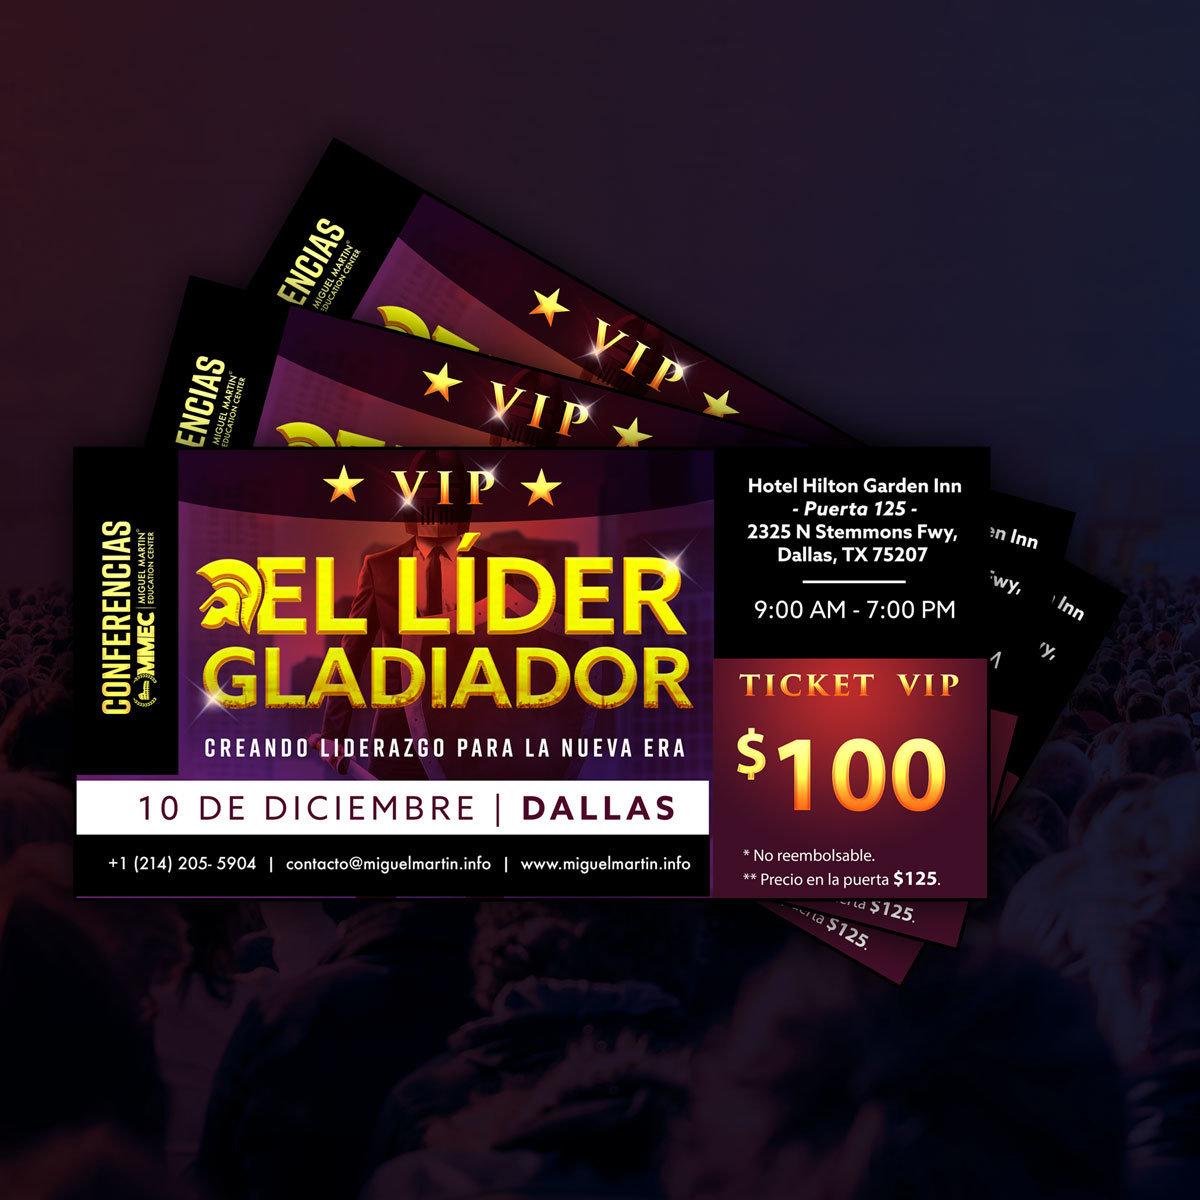 """Ticket VIP: Conferencia del 2017 """"El Líder Gladiador"""" - Dallas TX"""